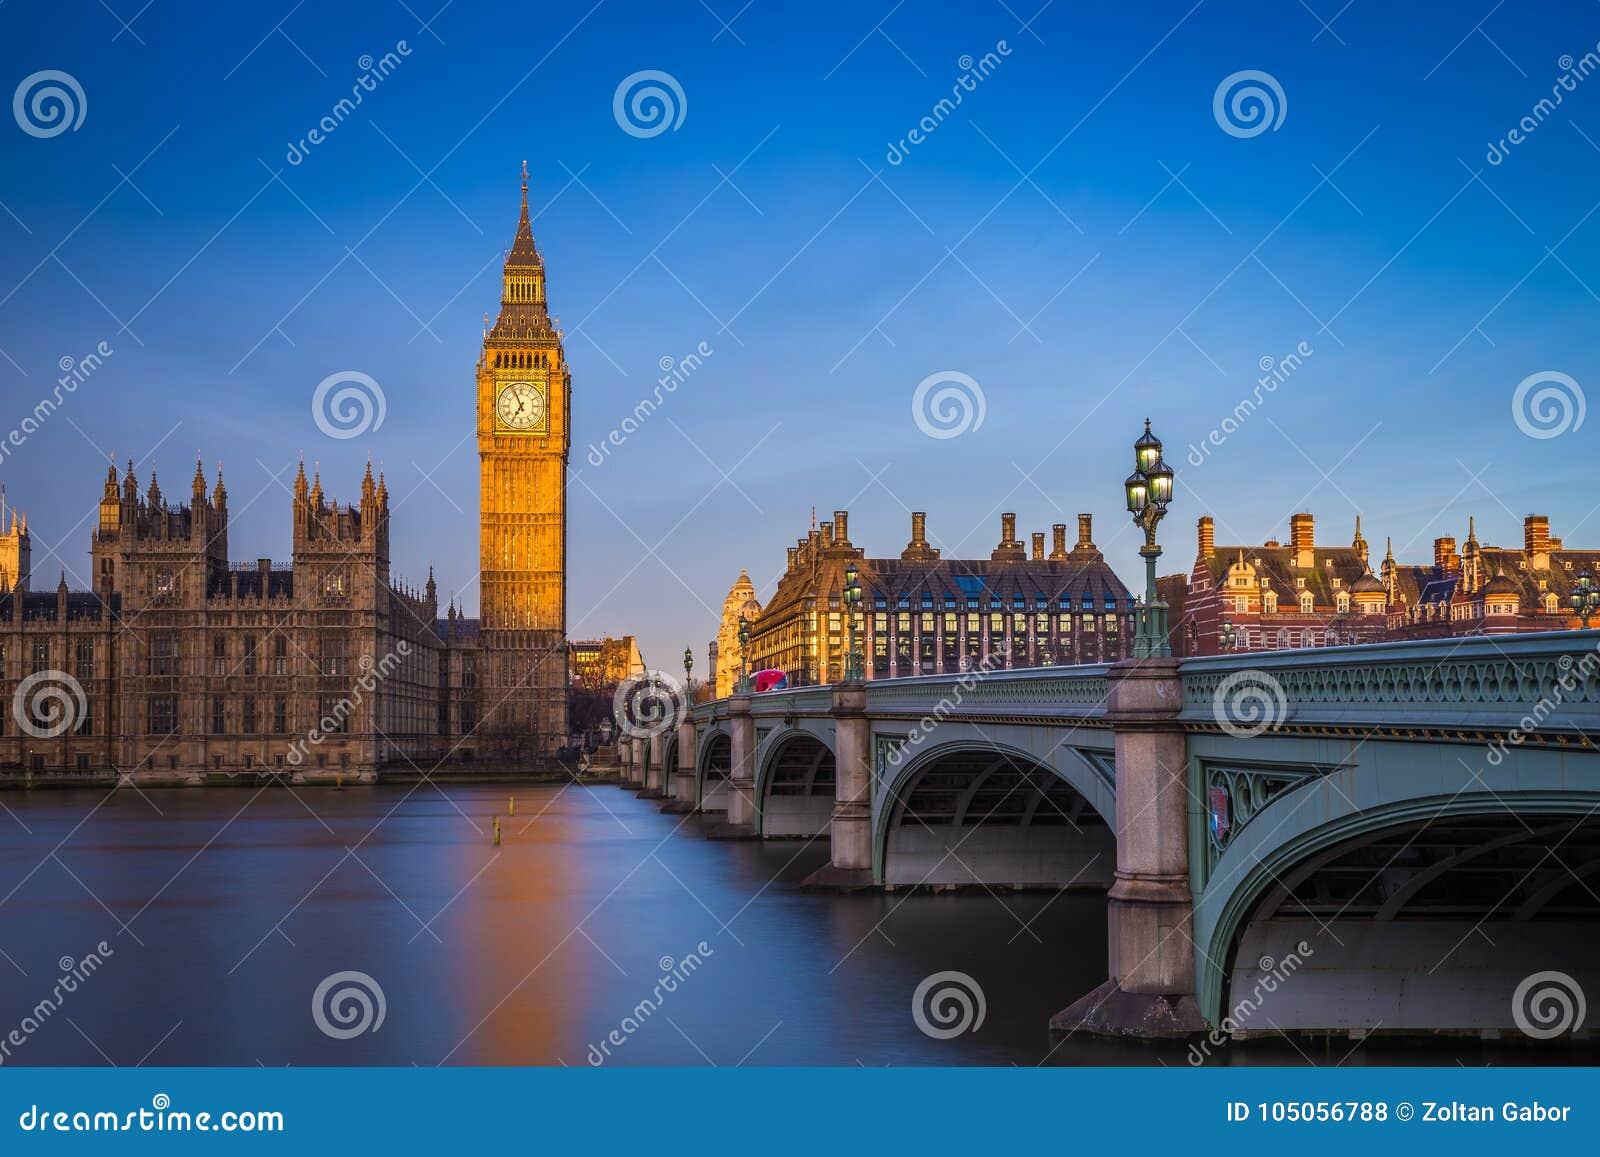 Londen, Engeland - mooi Big Ben en Huizen van het Parlement bij zonsopgang met duidelijke blauwe hemel